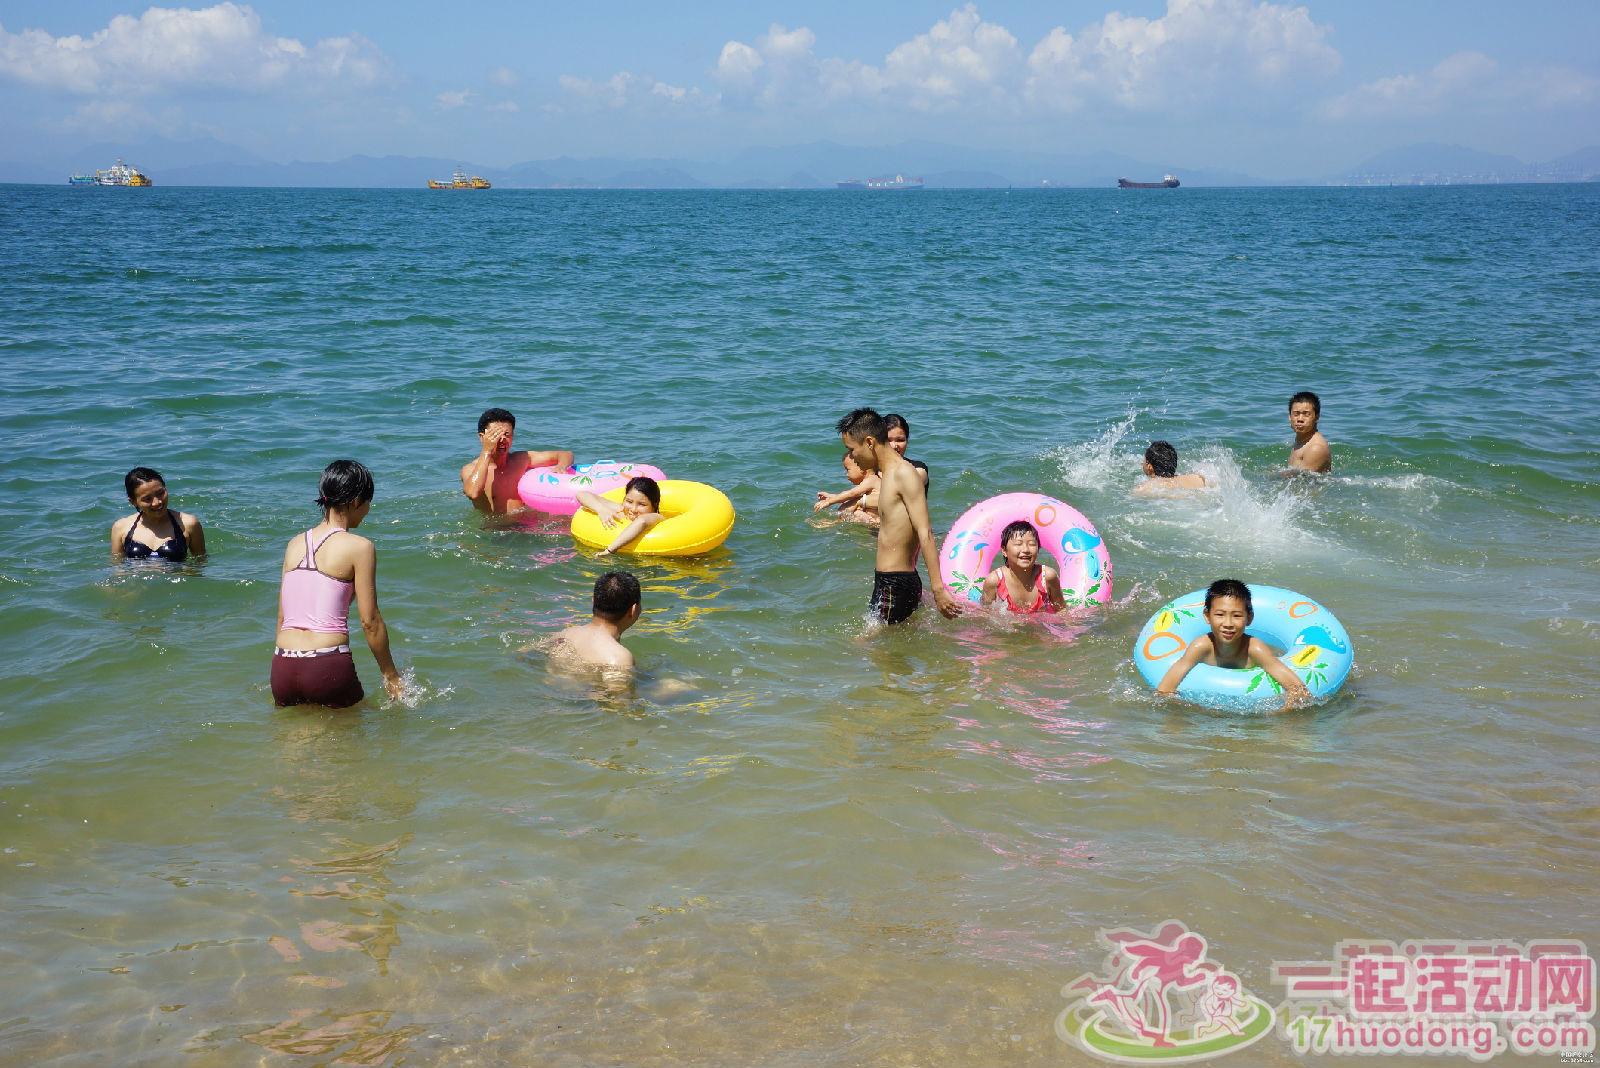 观海湾位于深圳大鹏湾南澳半岛